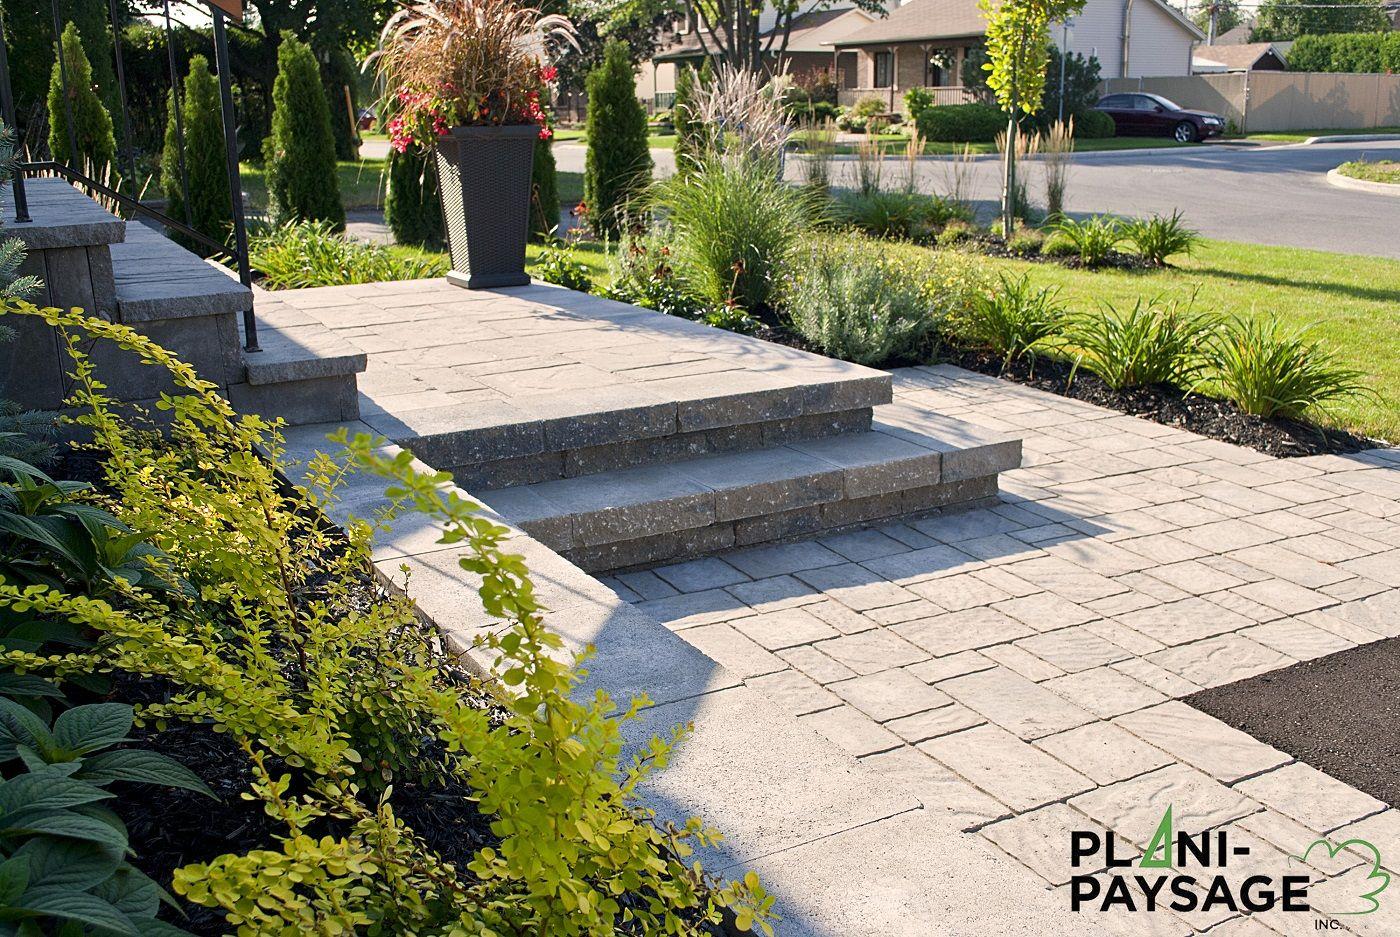 Front yard driveway landscaping ideas  Réalisation côté Jardin en façade PlaniPaysage  curb appeal